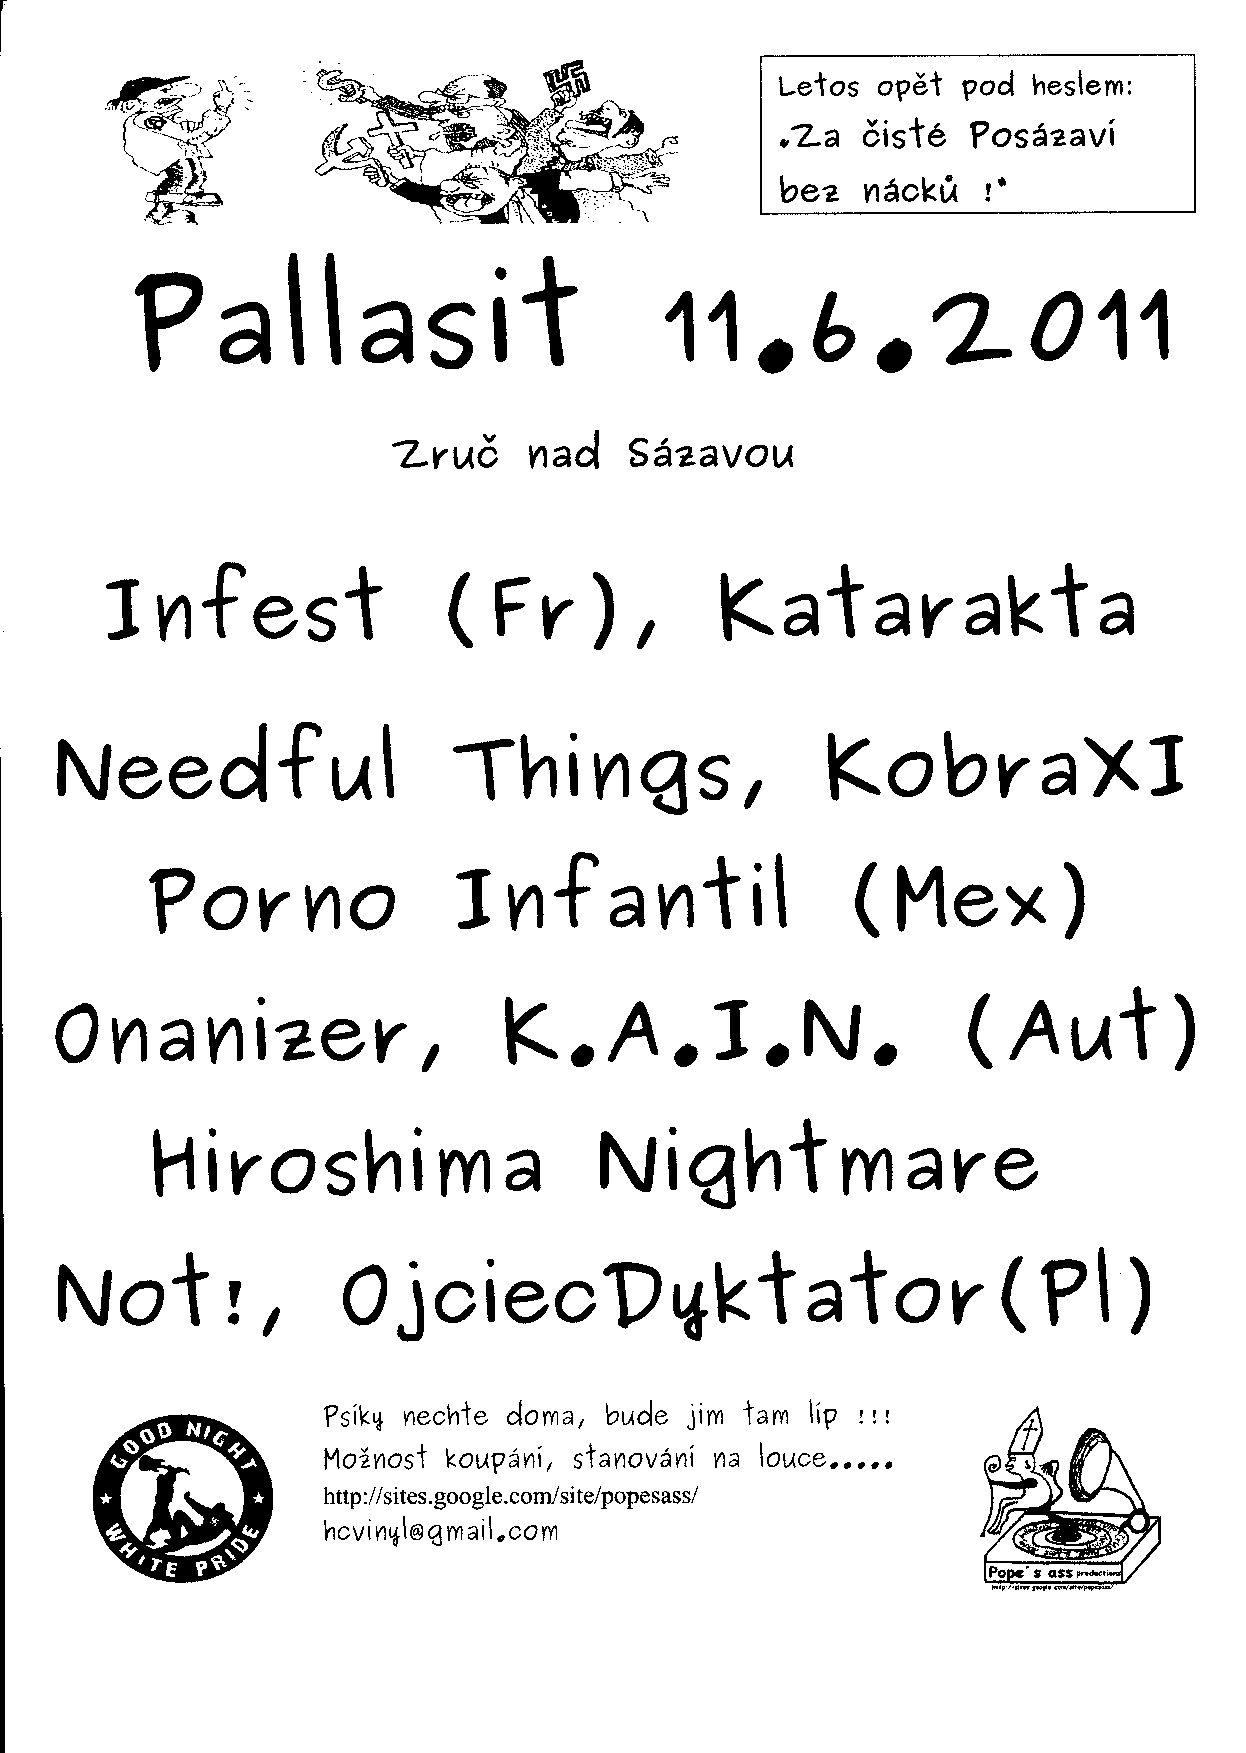 PALLASIT FEST